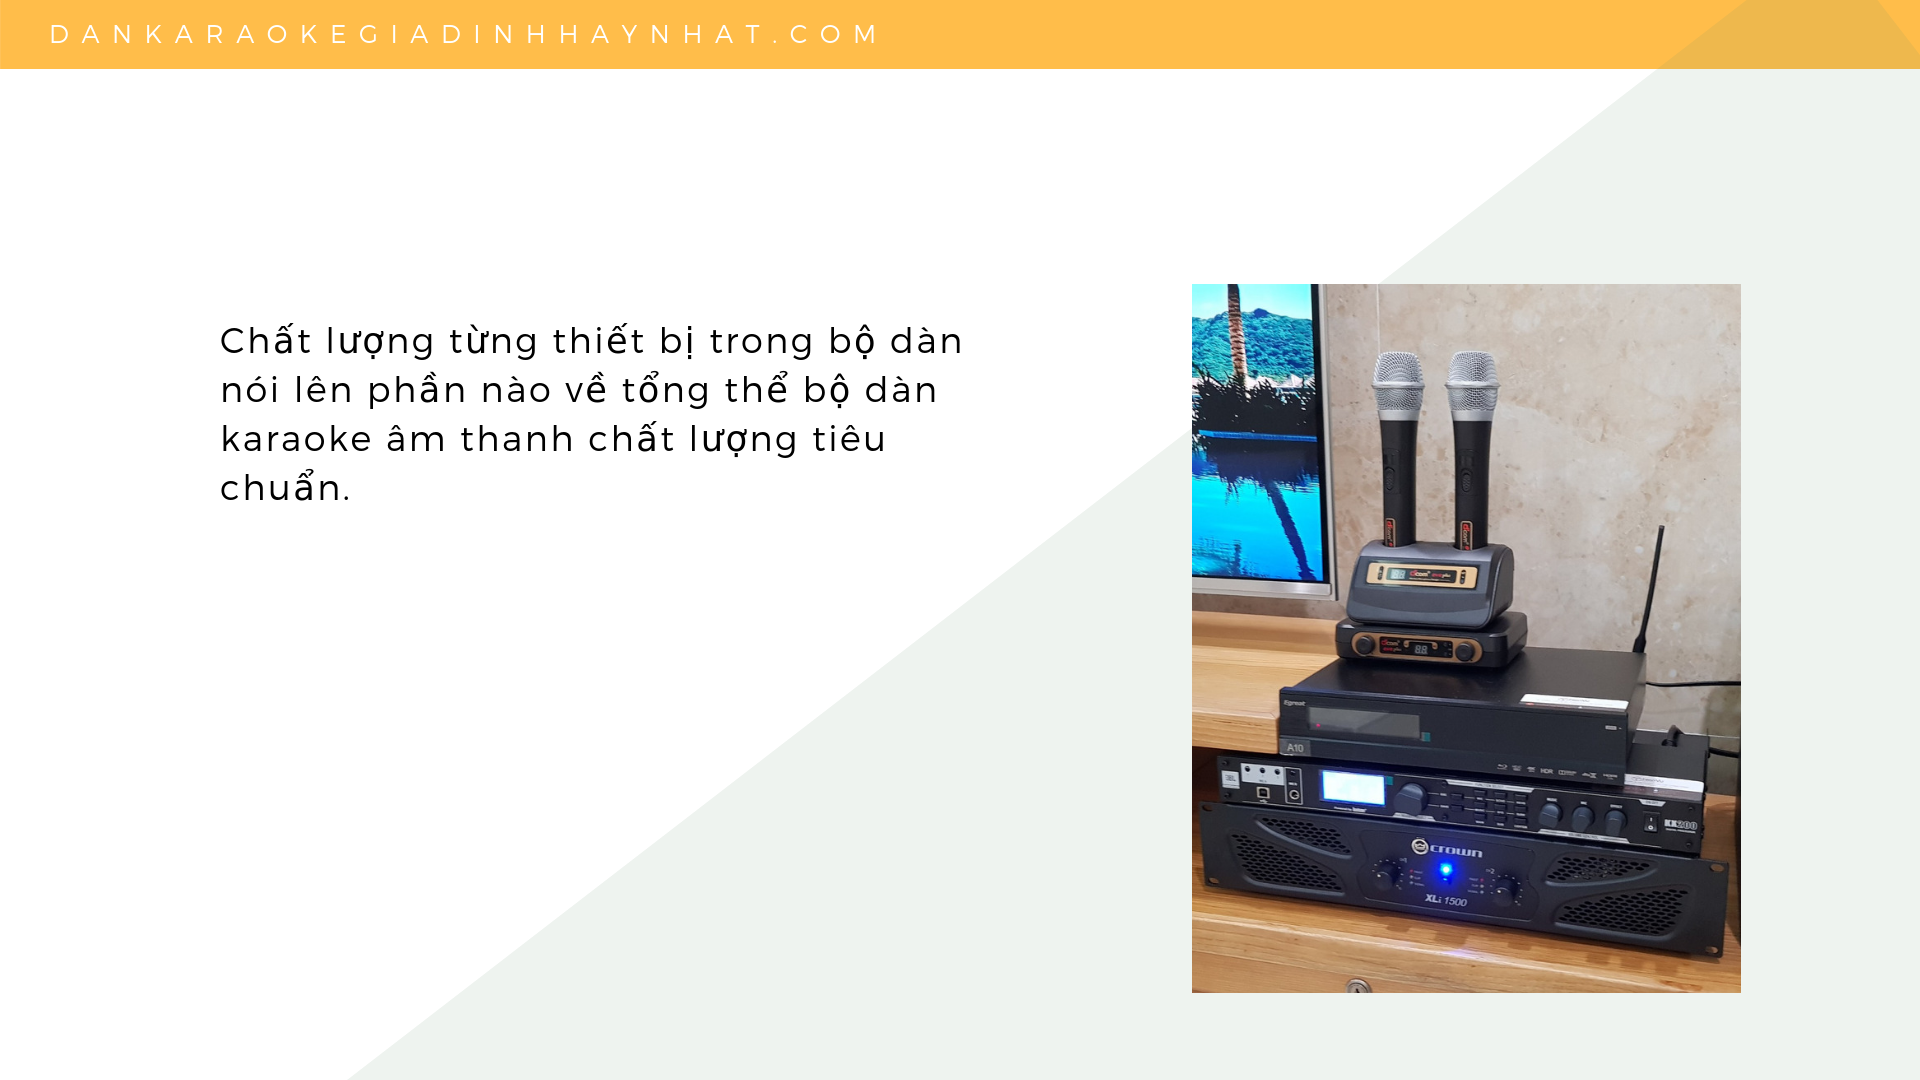 chọn thiết bị karaoke chất lượng thế nào